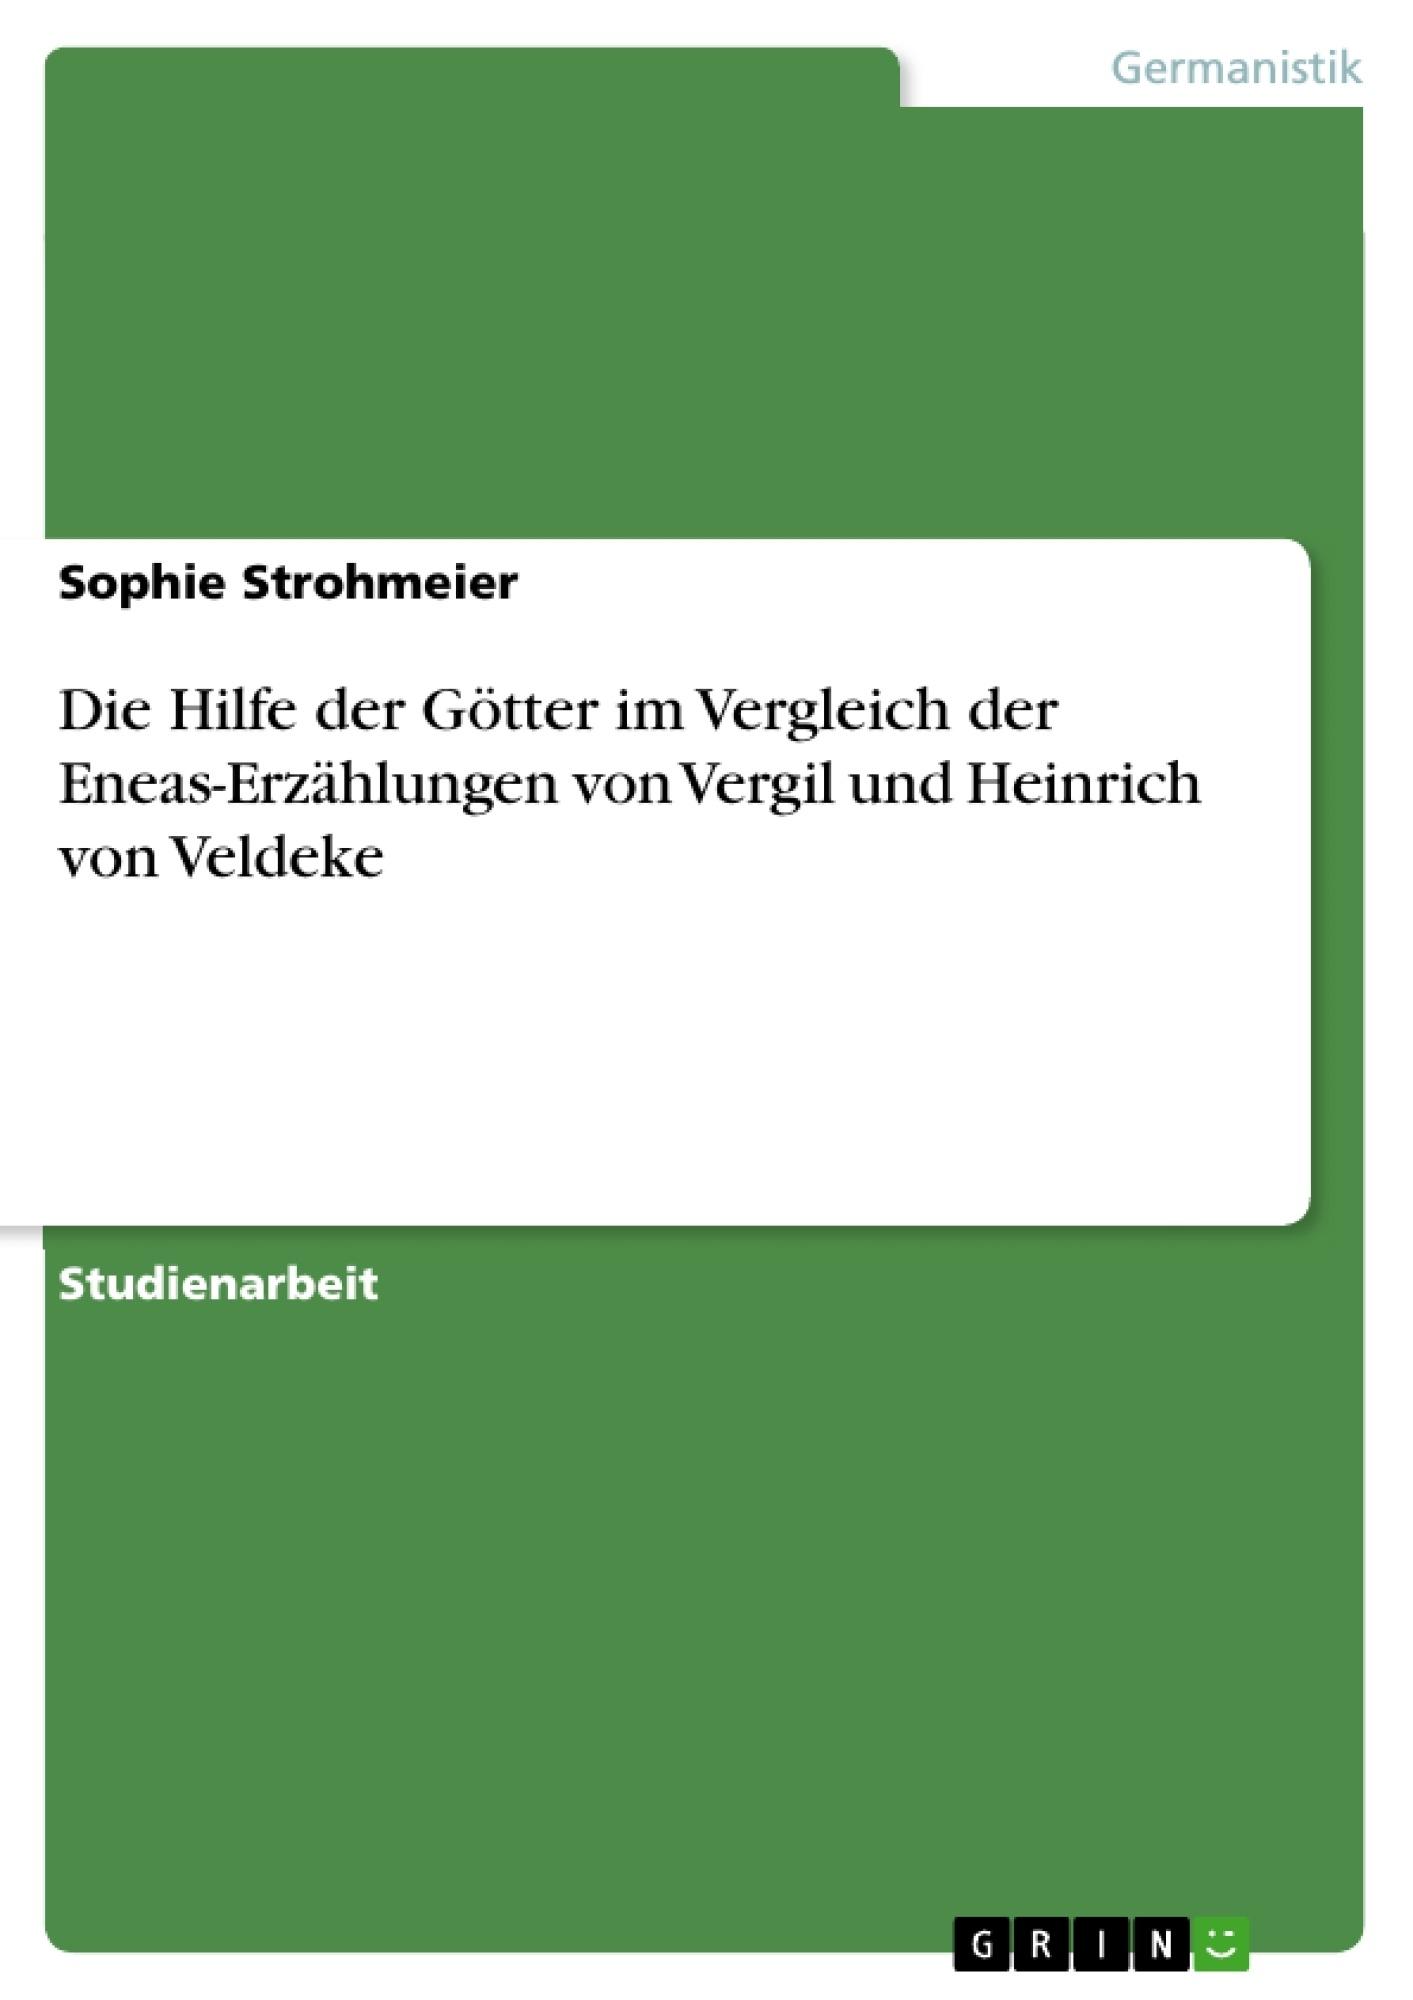 Titel: Die Hilfe der Götter im Vergleich der Eneas-Erzählungen von Vergil und Heinrich von Veldeke